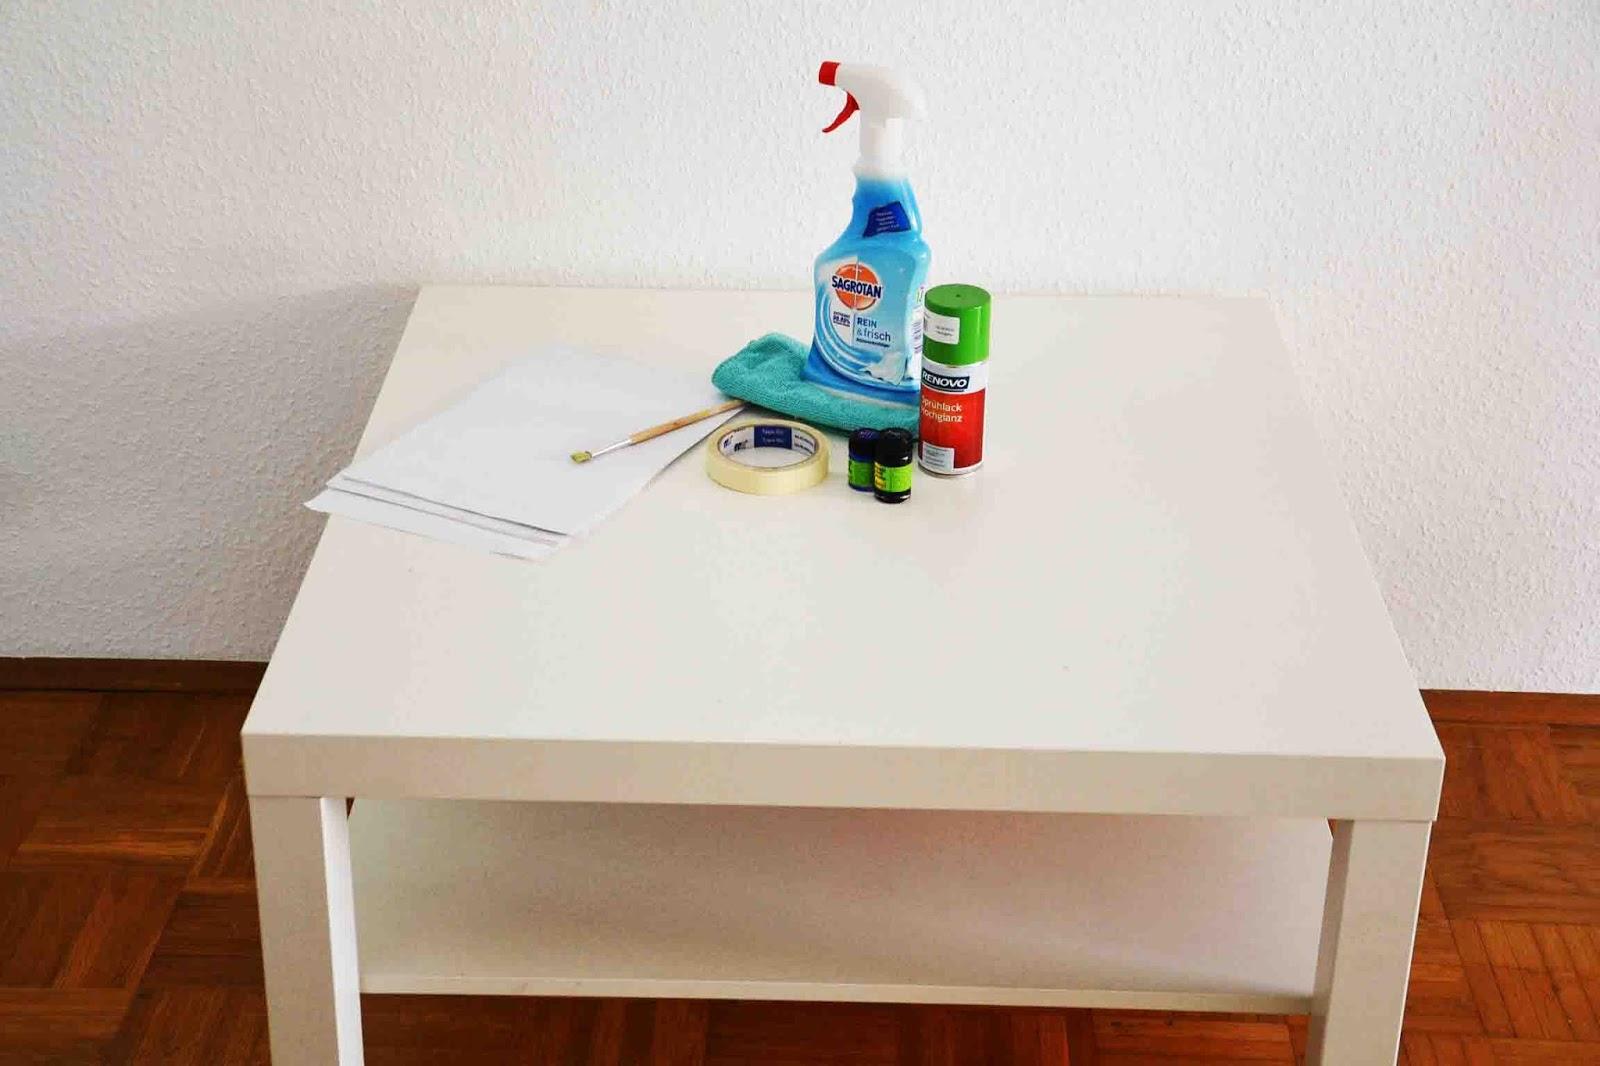 Spieltisch Selber Bauen brio spieltisch selbermachen a s